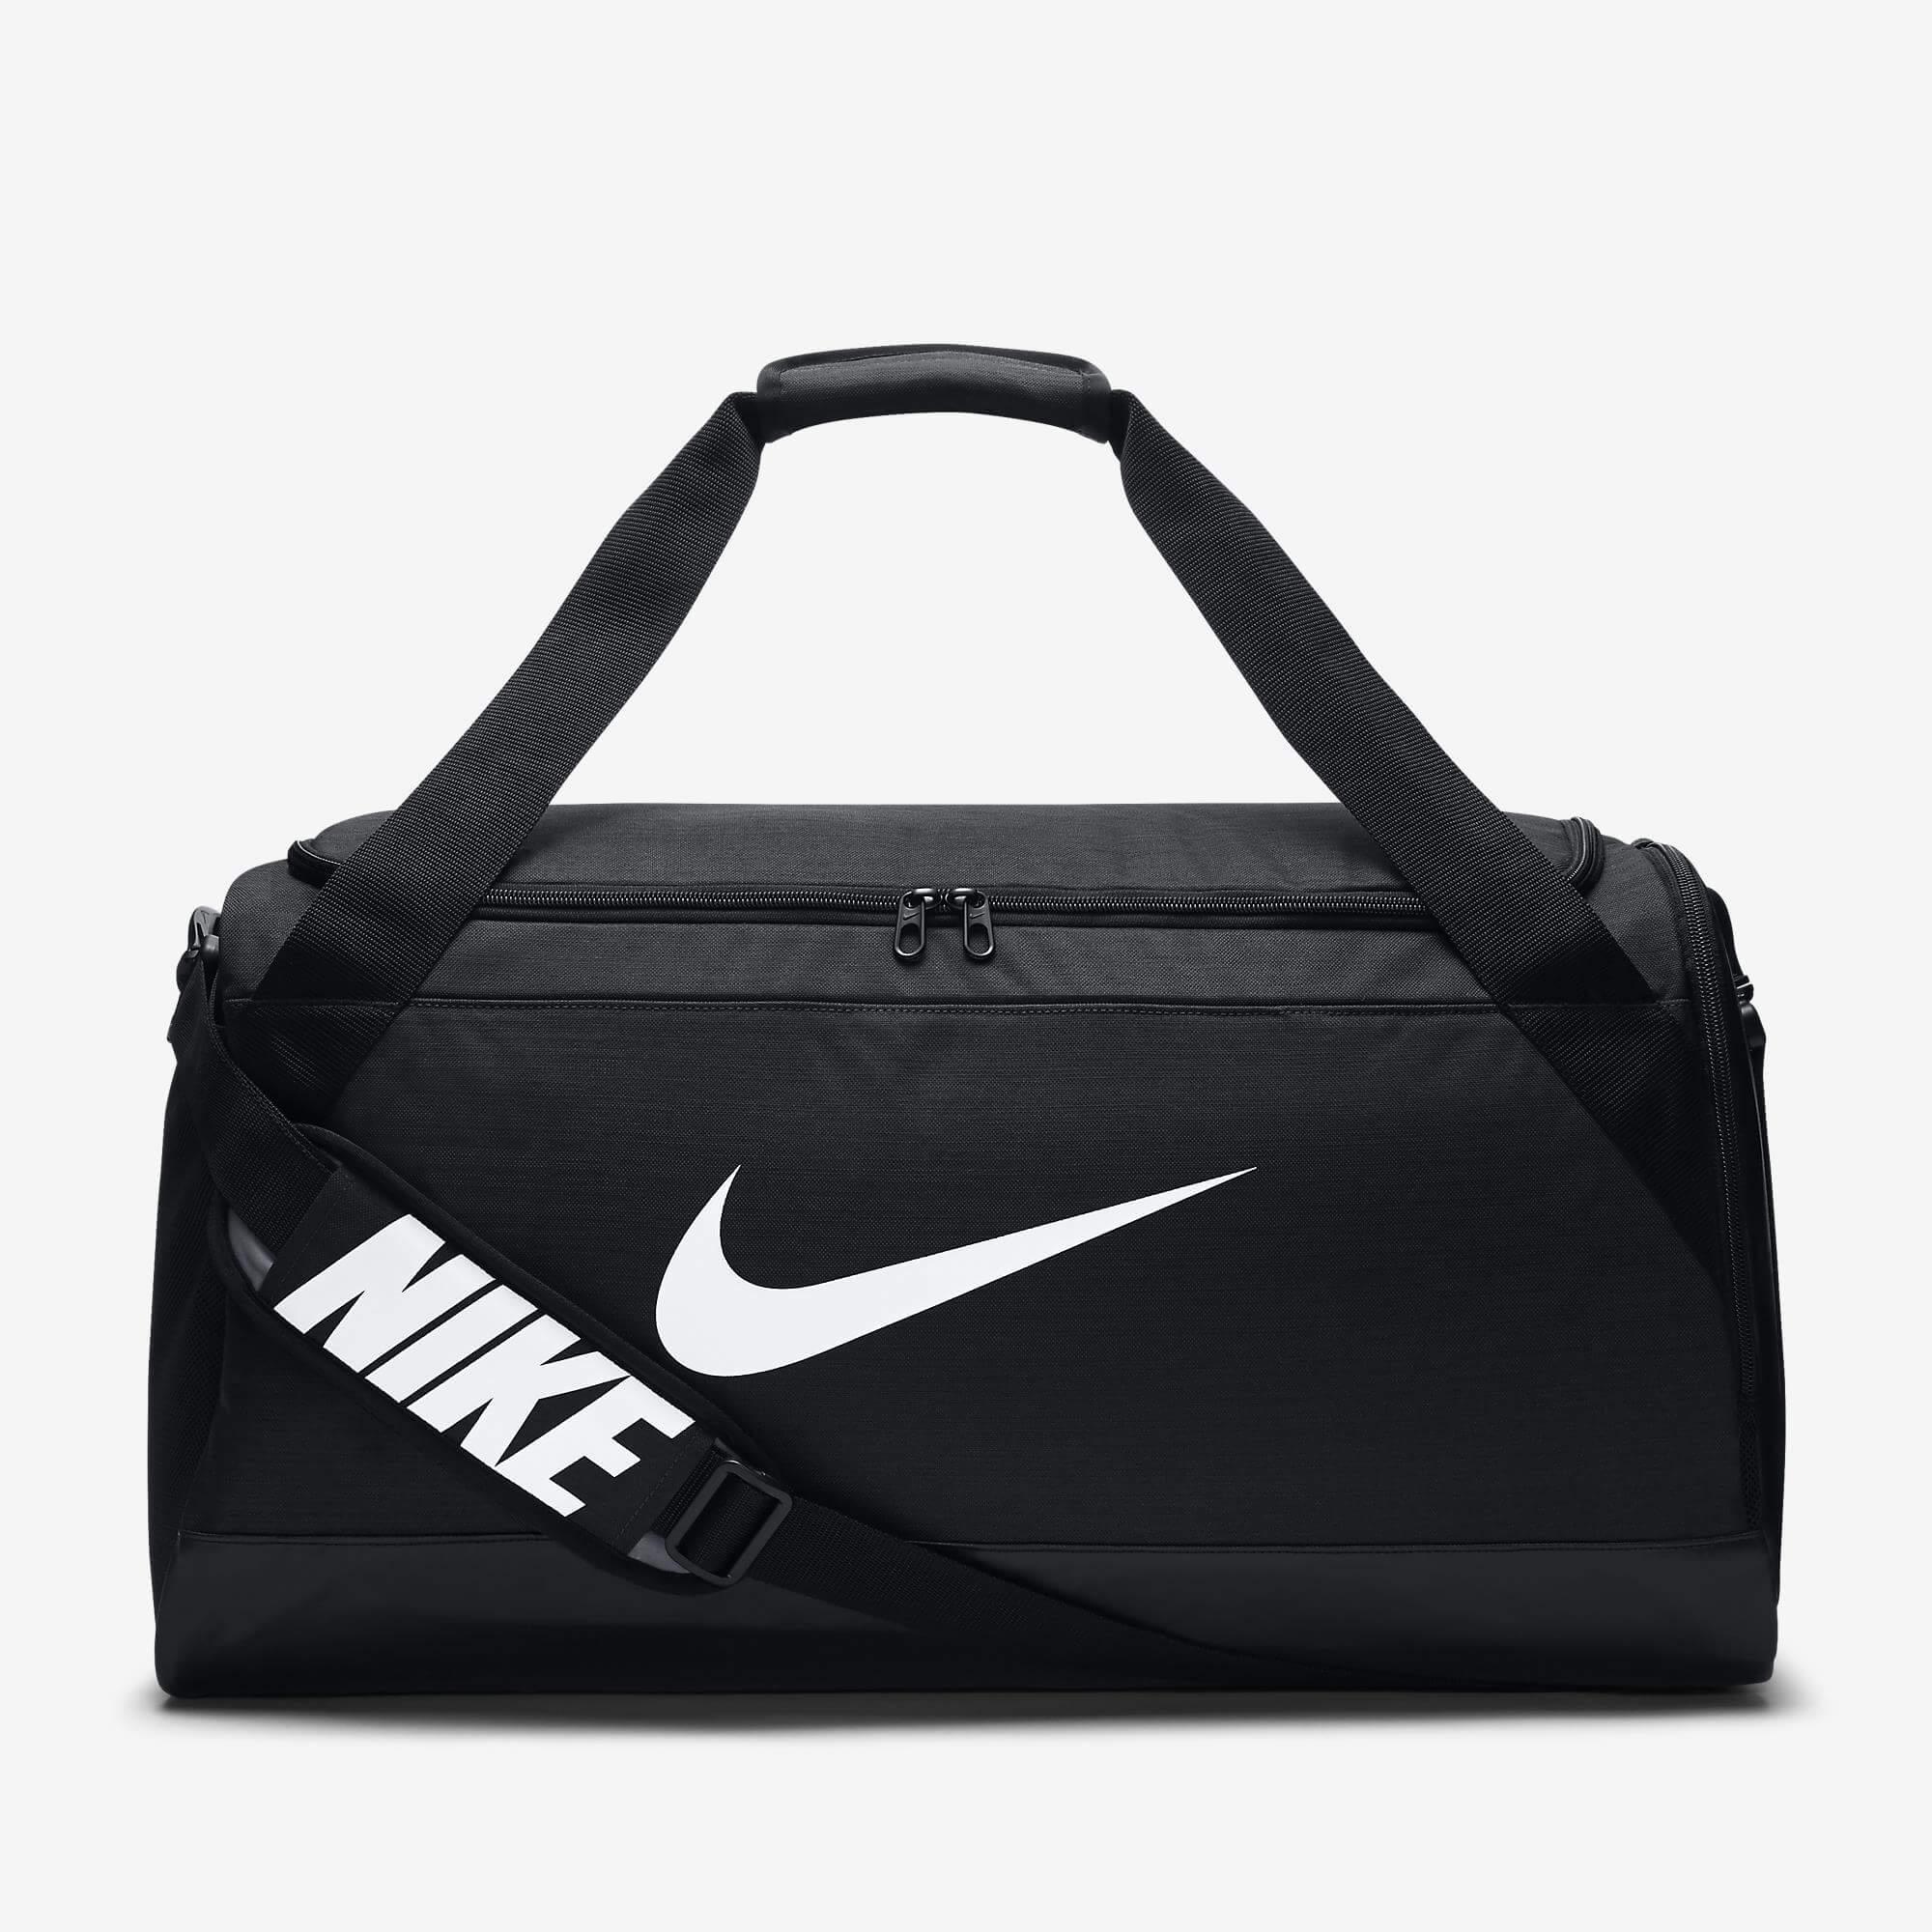 9aa36ca38 Mala Nike Brasília Duff - BRACIA SHOP  Loja de Roupas